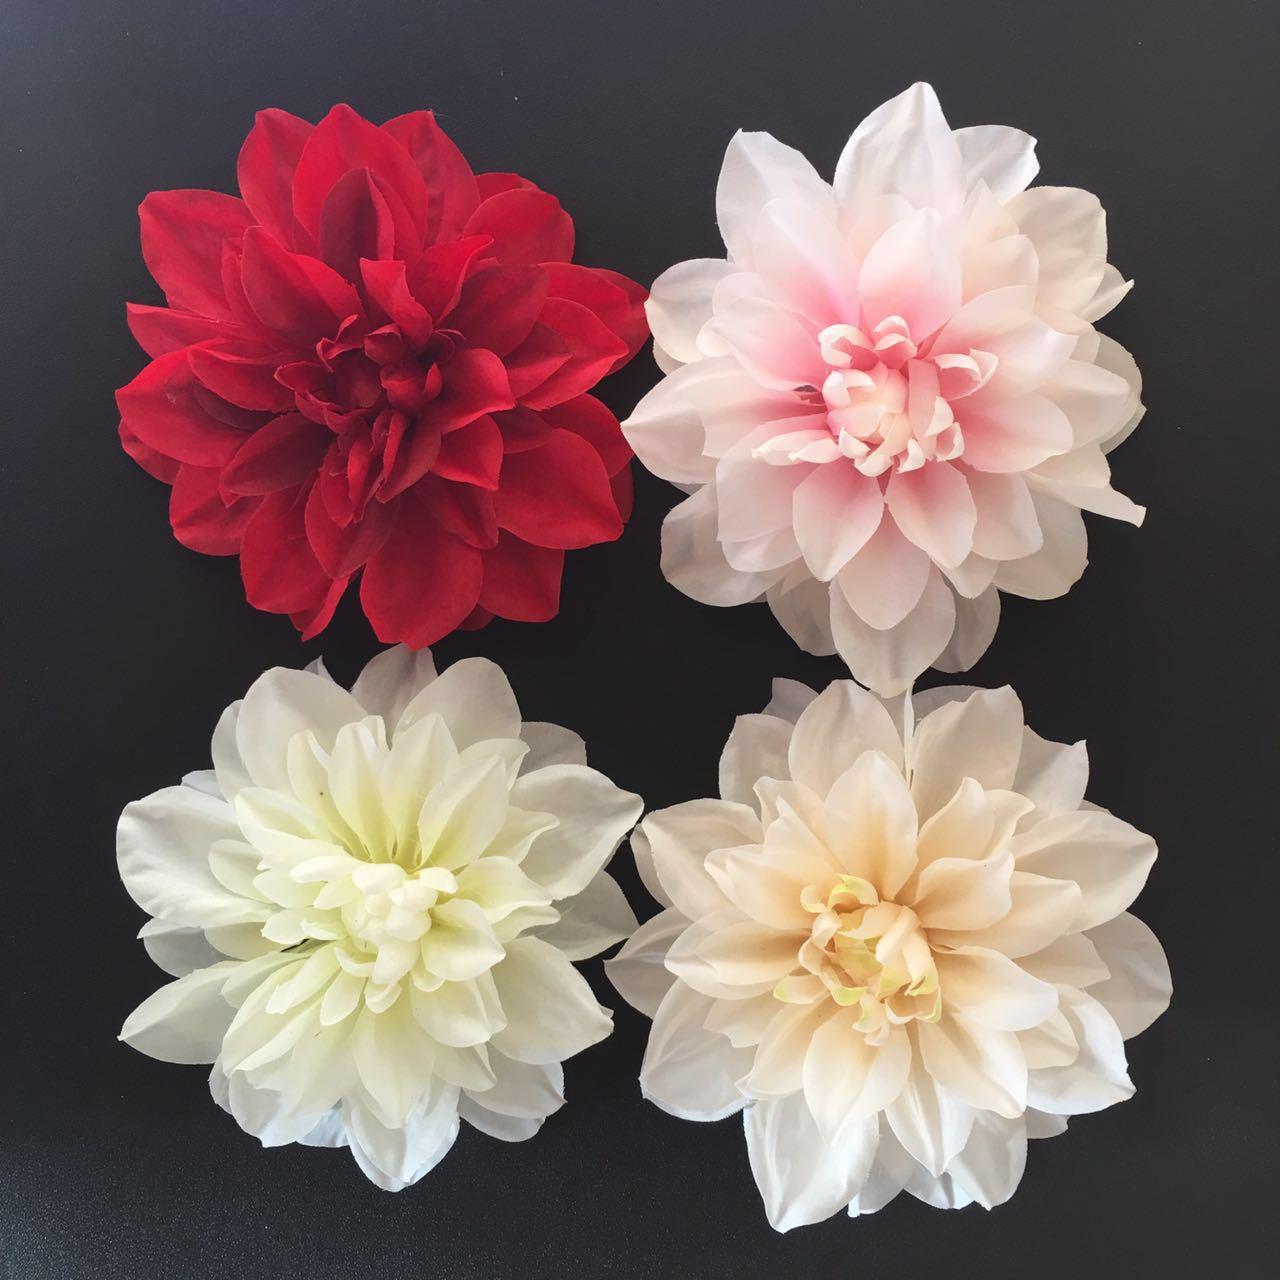 12 cm Dalia testa di fiore imitazione dahlia peonia decorazione di cerimonia nuziale parete fai da te fiore giardino piombo fiore arco